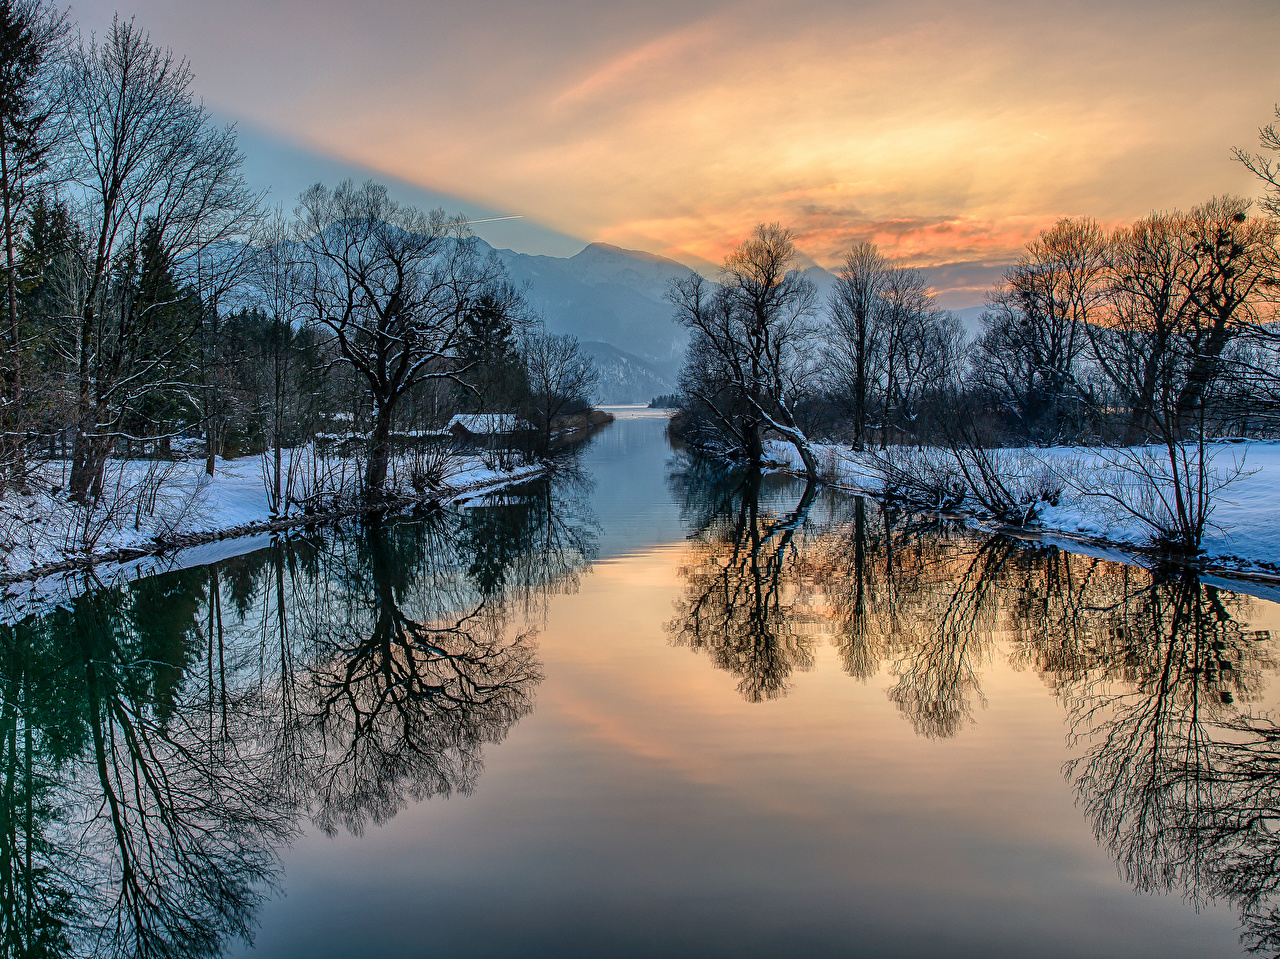 Sfondi Natura Inverno Montagne Paesaggio alba e tramonto Fiumi Alberi montagna Albe e tramonti fiume